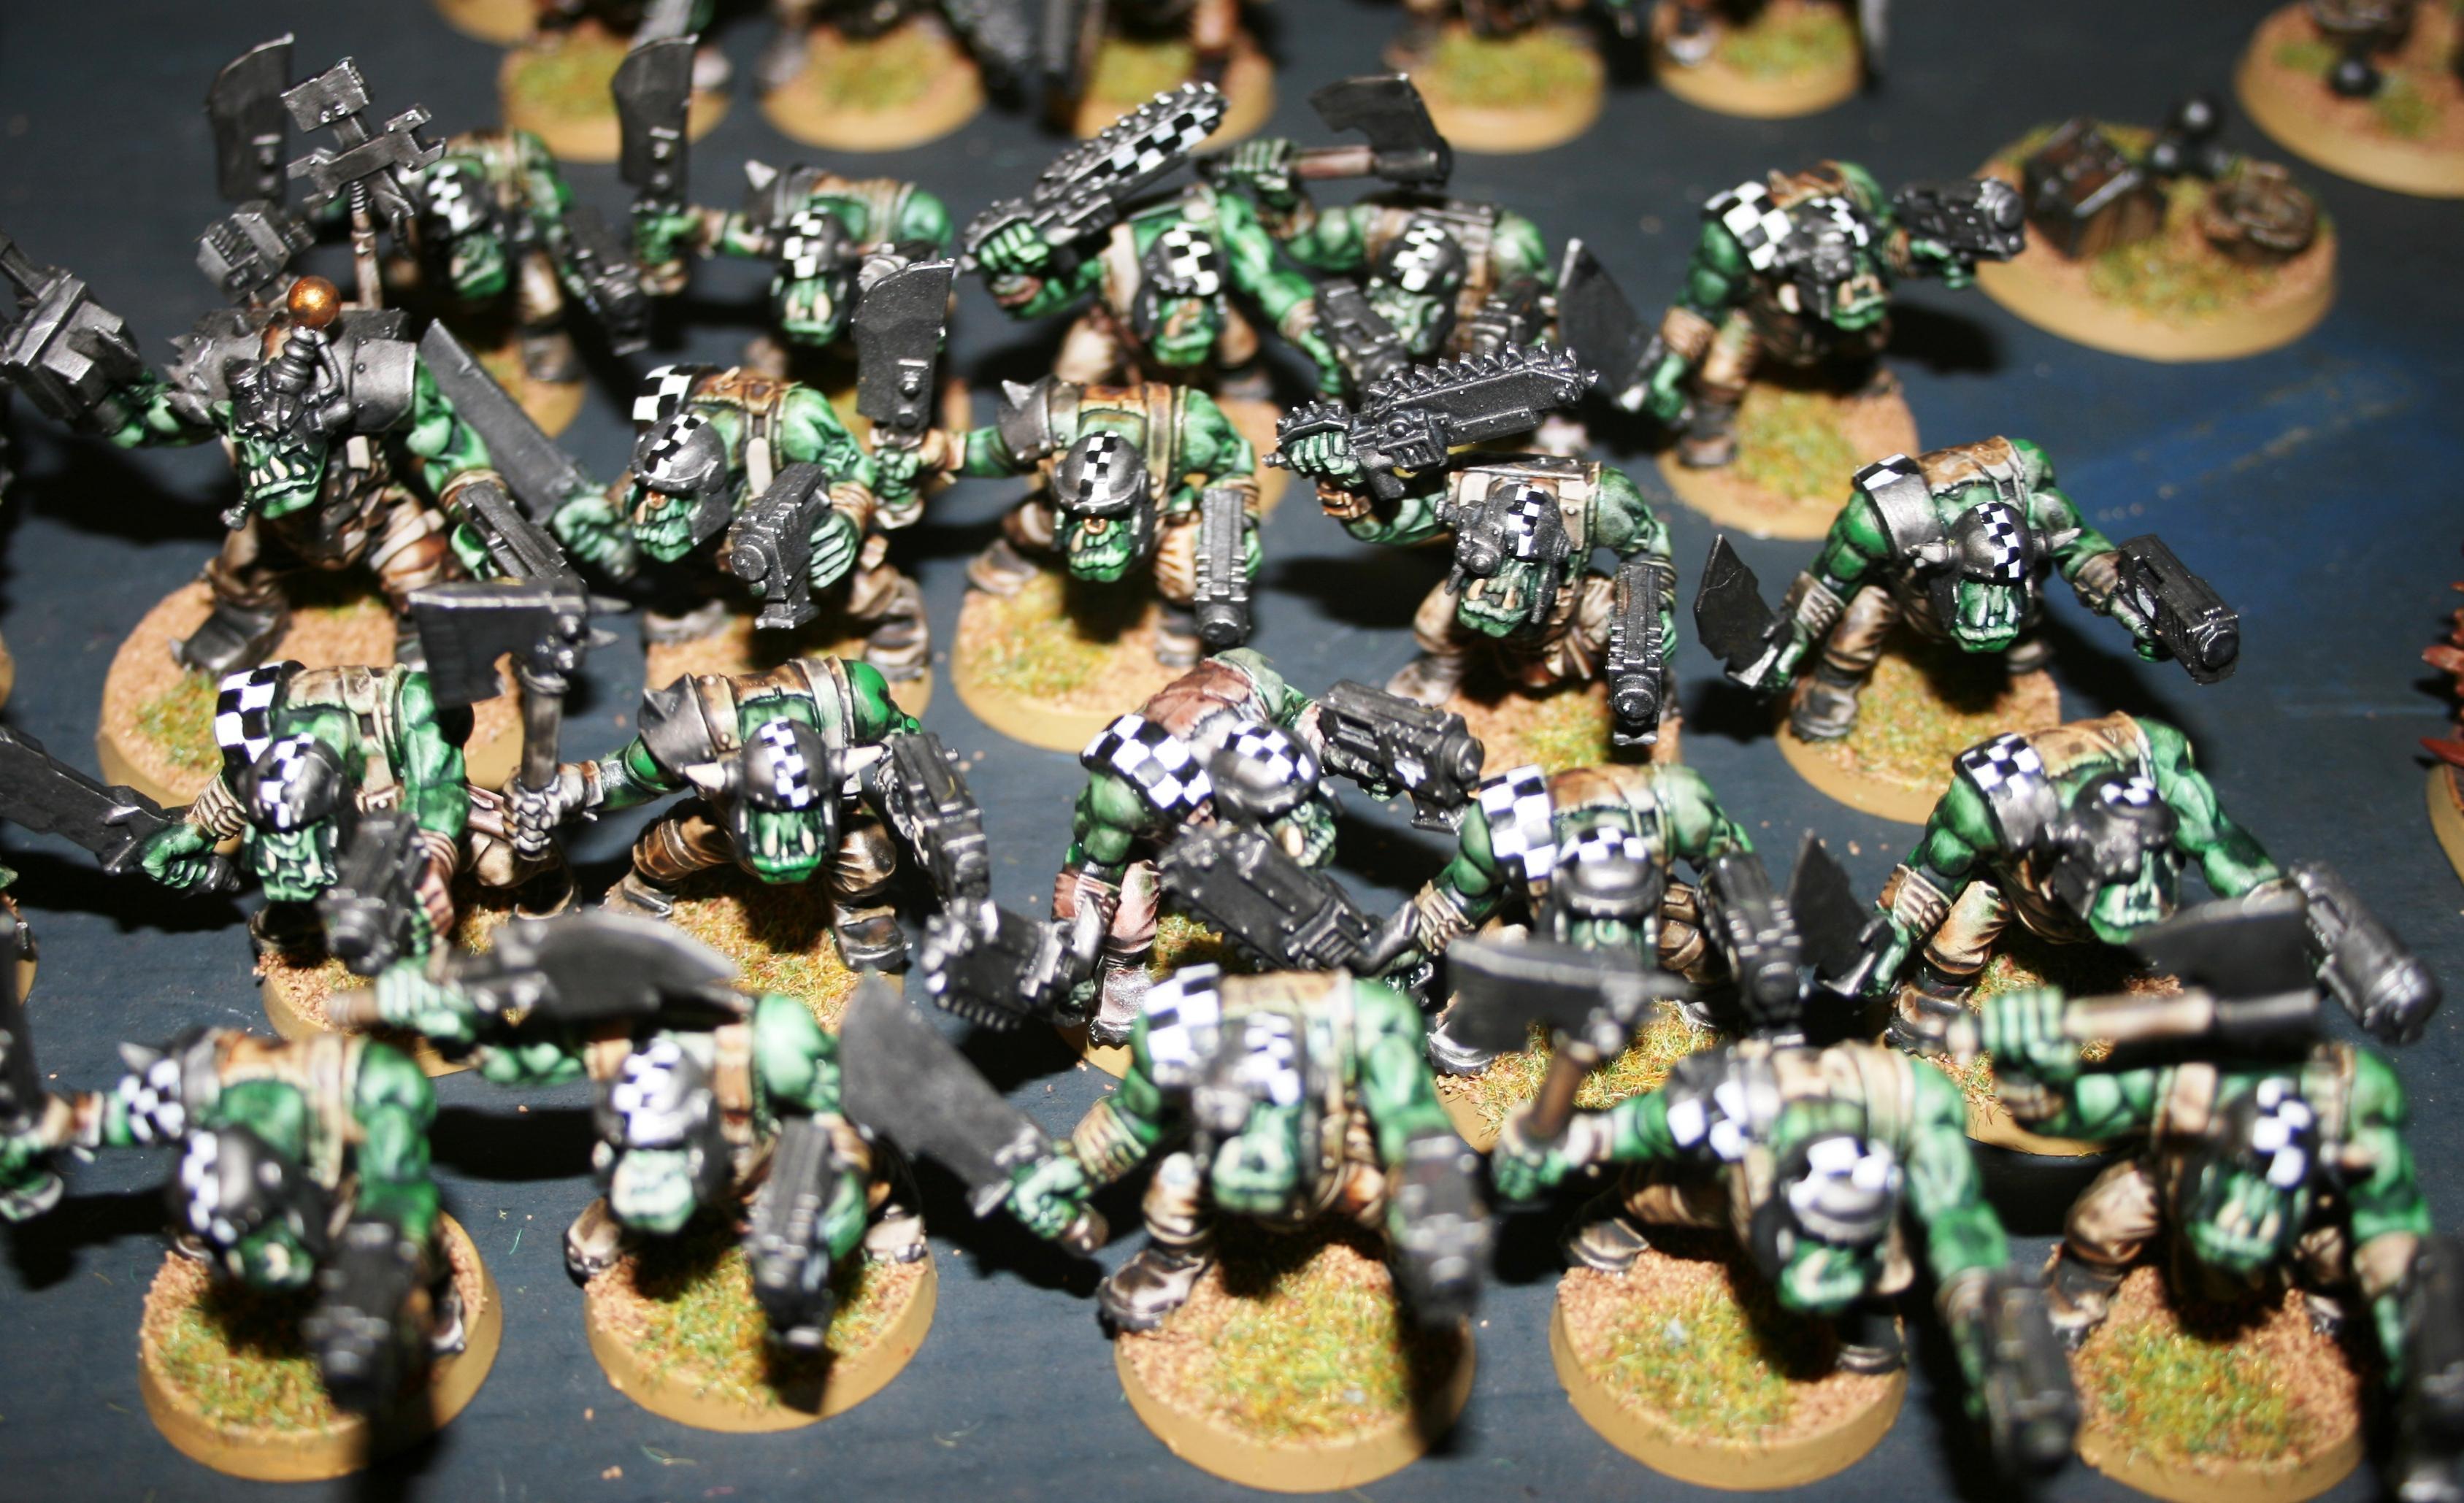 Boy, Green, Orks, Tide, Waagh, Warhammer 40,000, Warhammer Fantasy